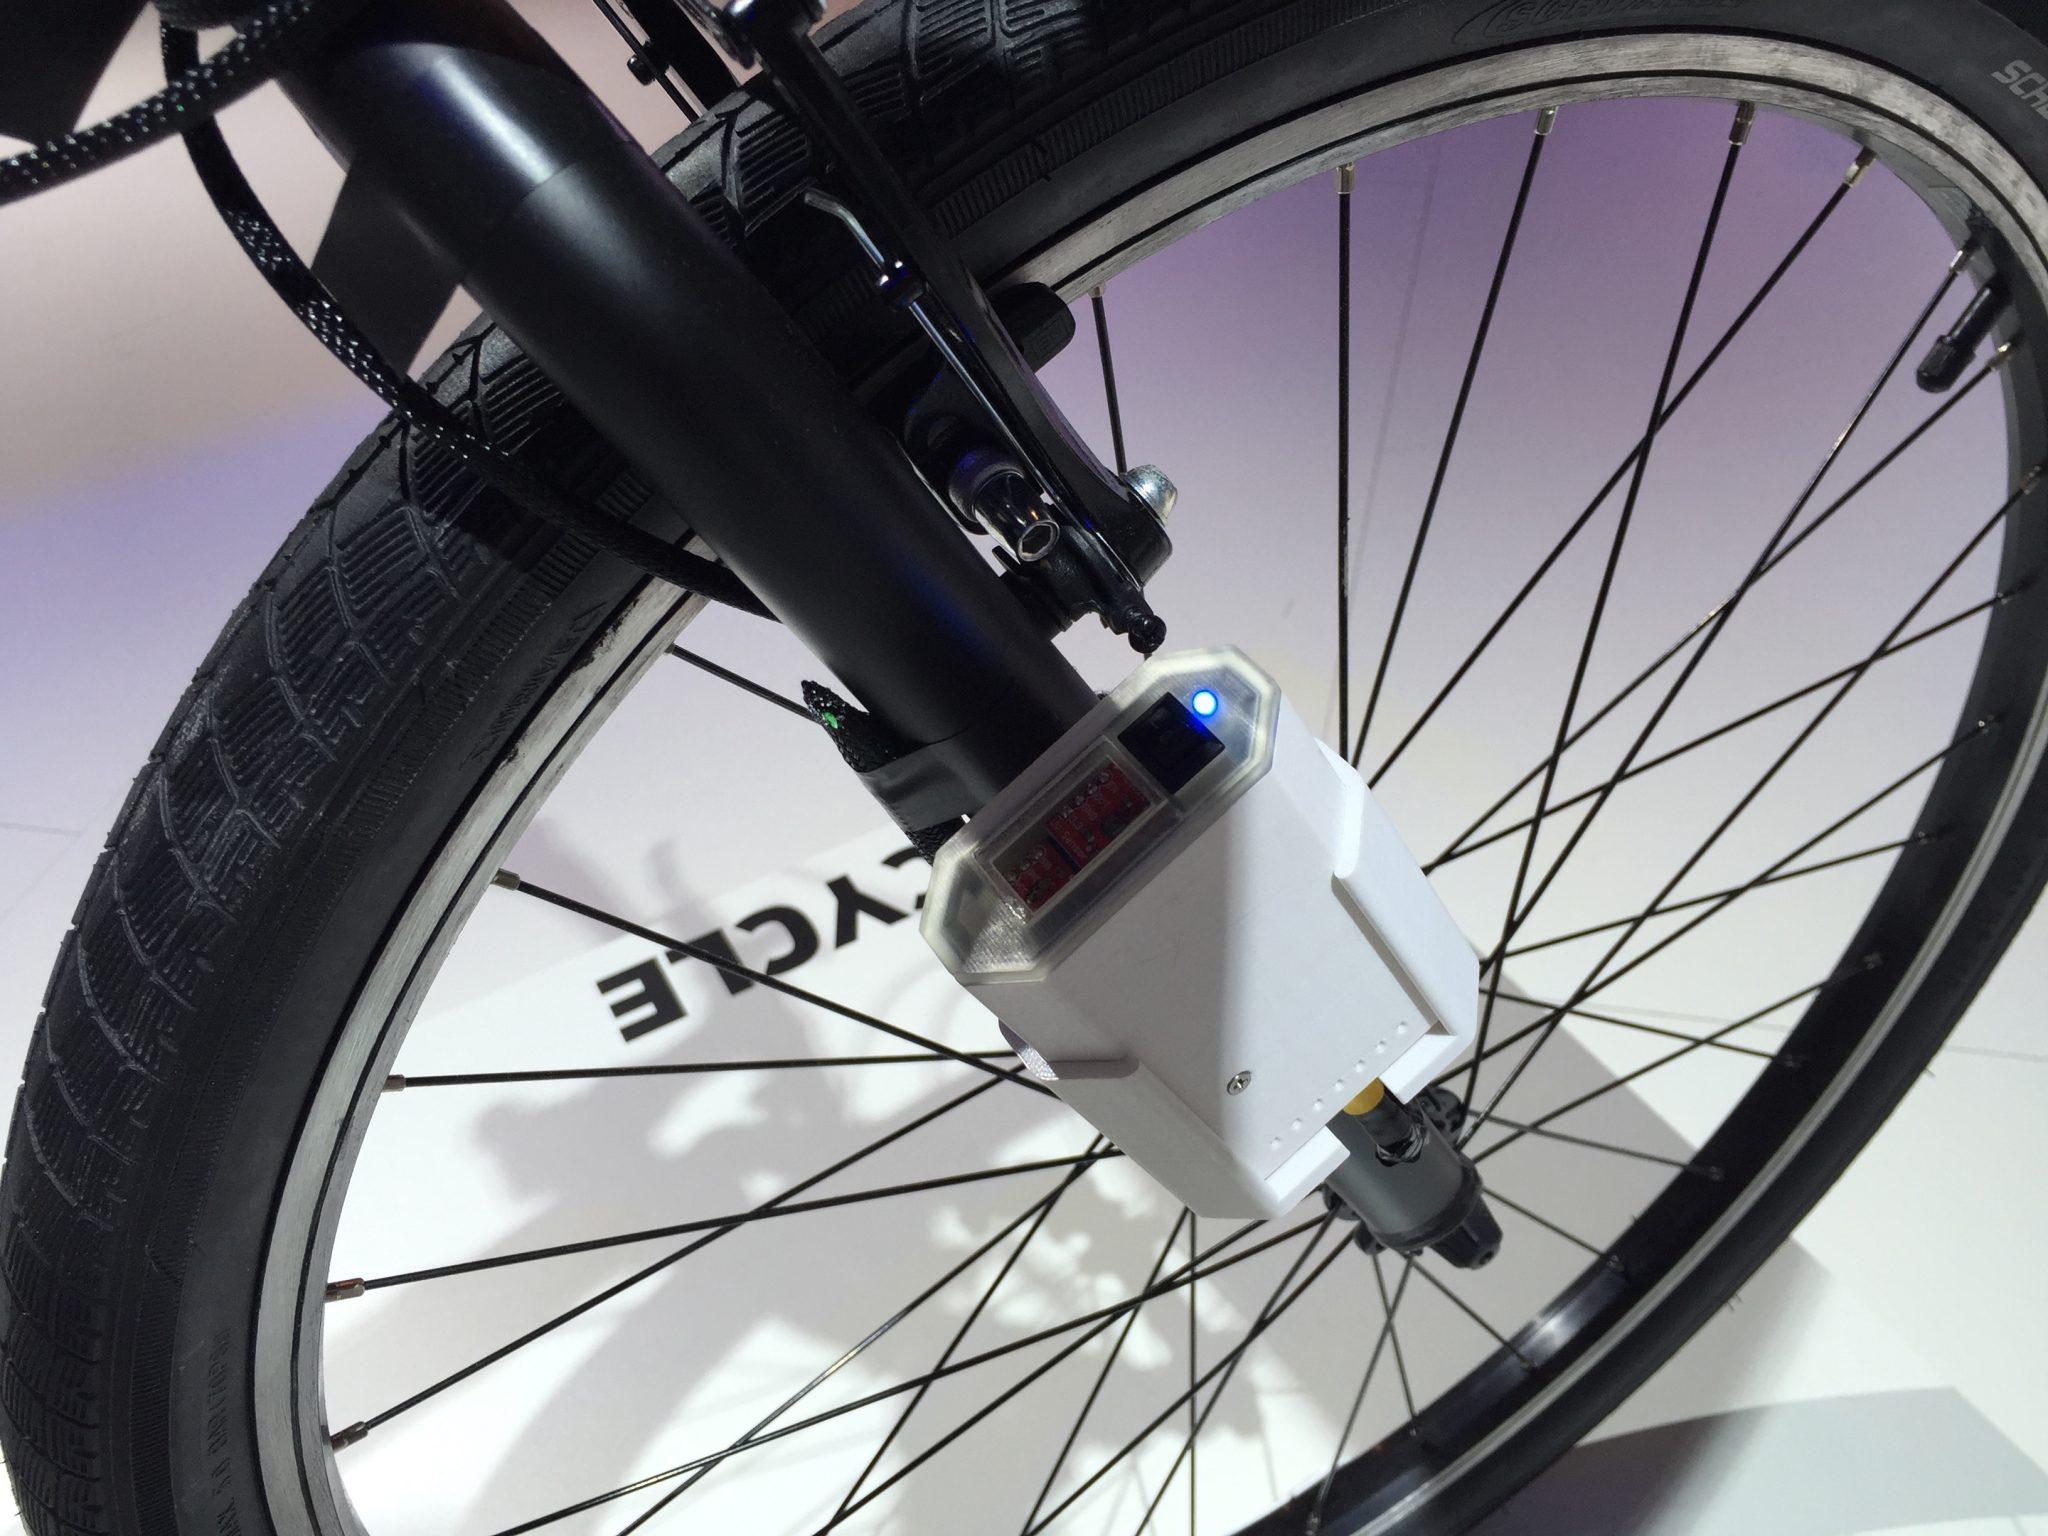 La bicicletta elettrica pieghevole di Ford - La bicicletta elettrica pieghevole di Ford PER UN NUOVO CONCETTO DI MOBILITA'